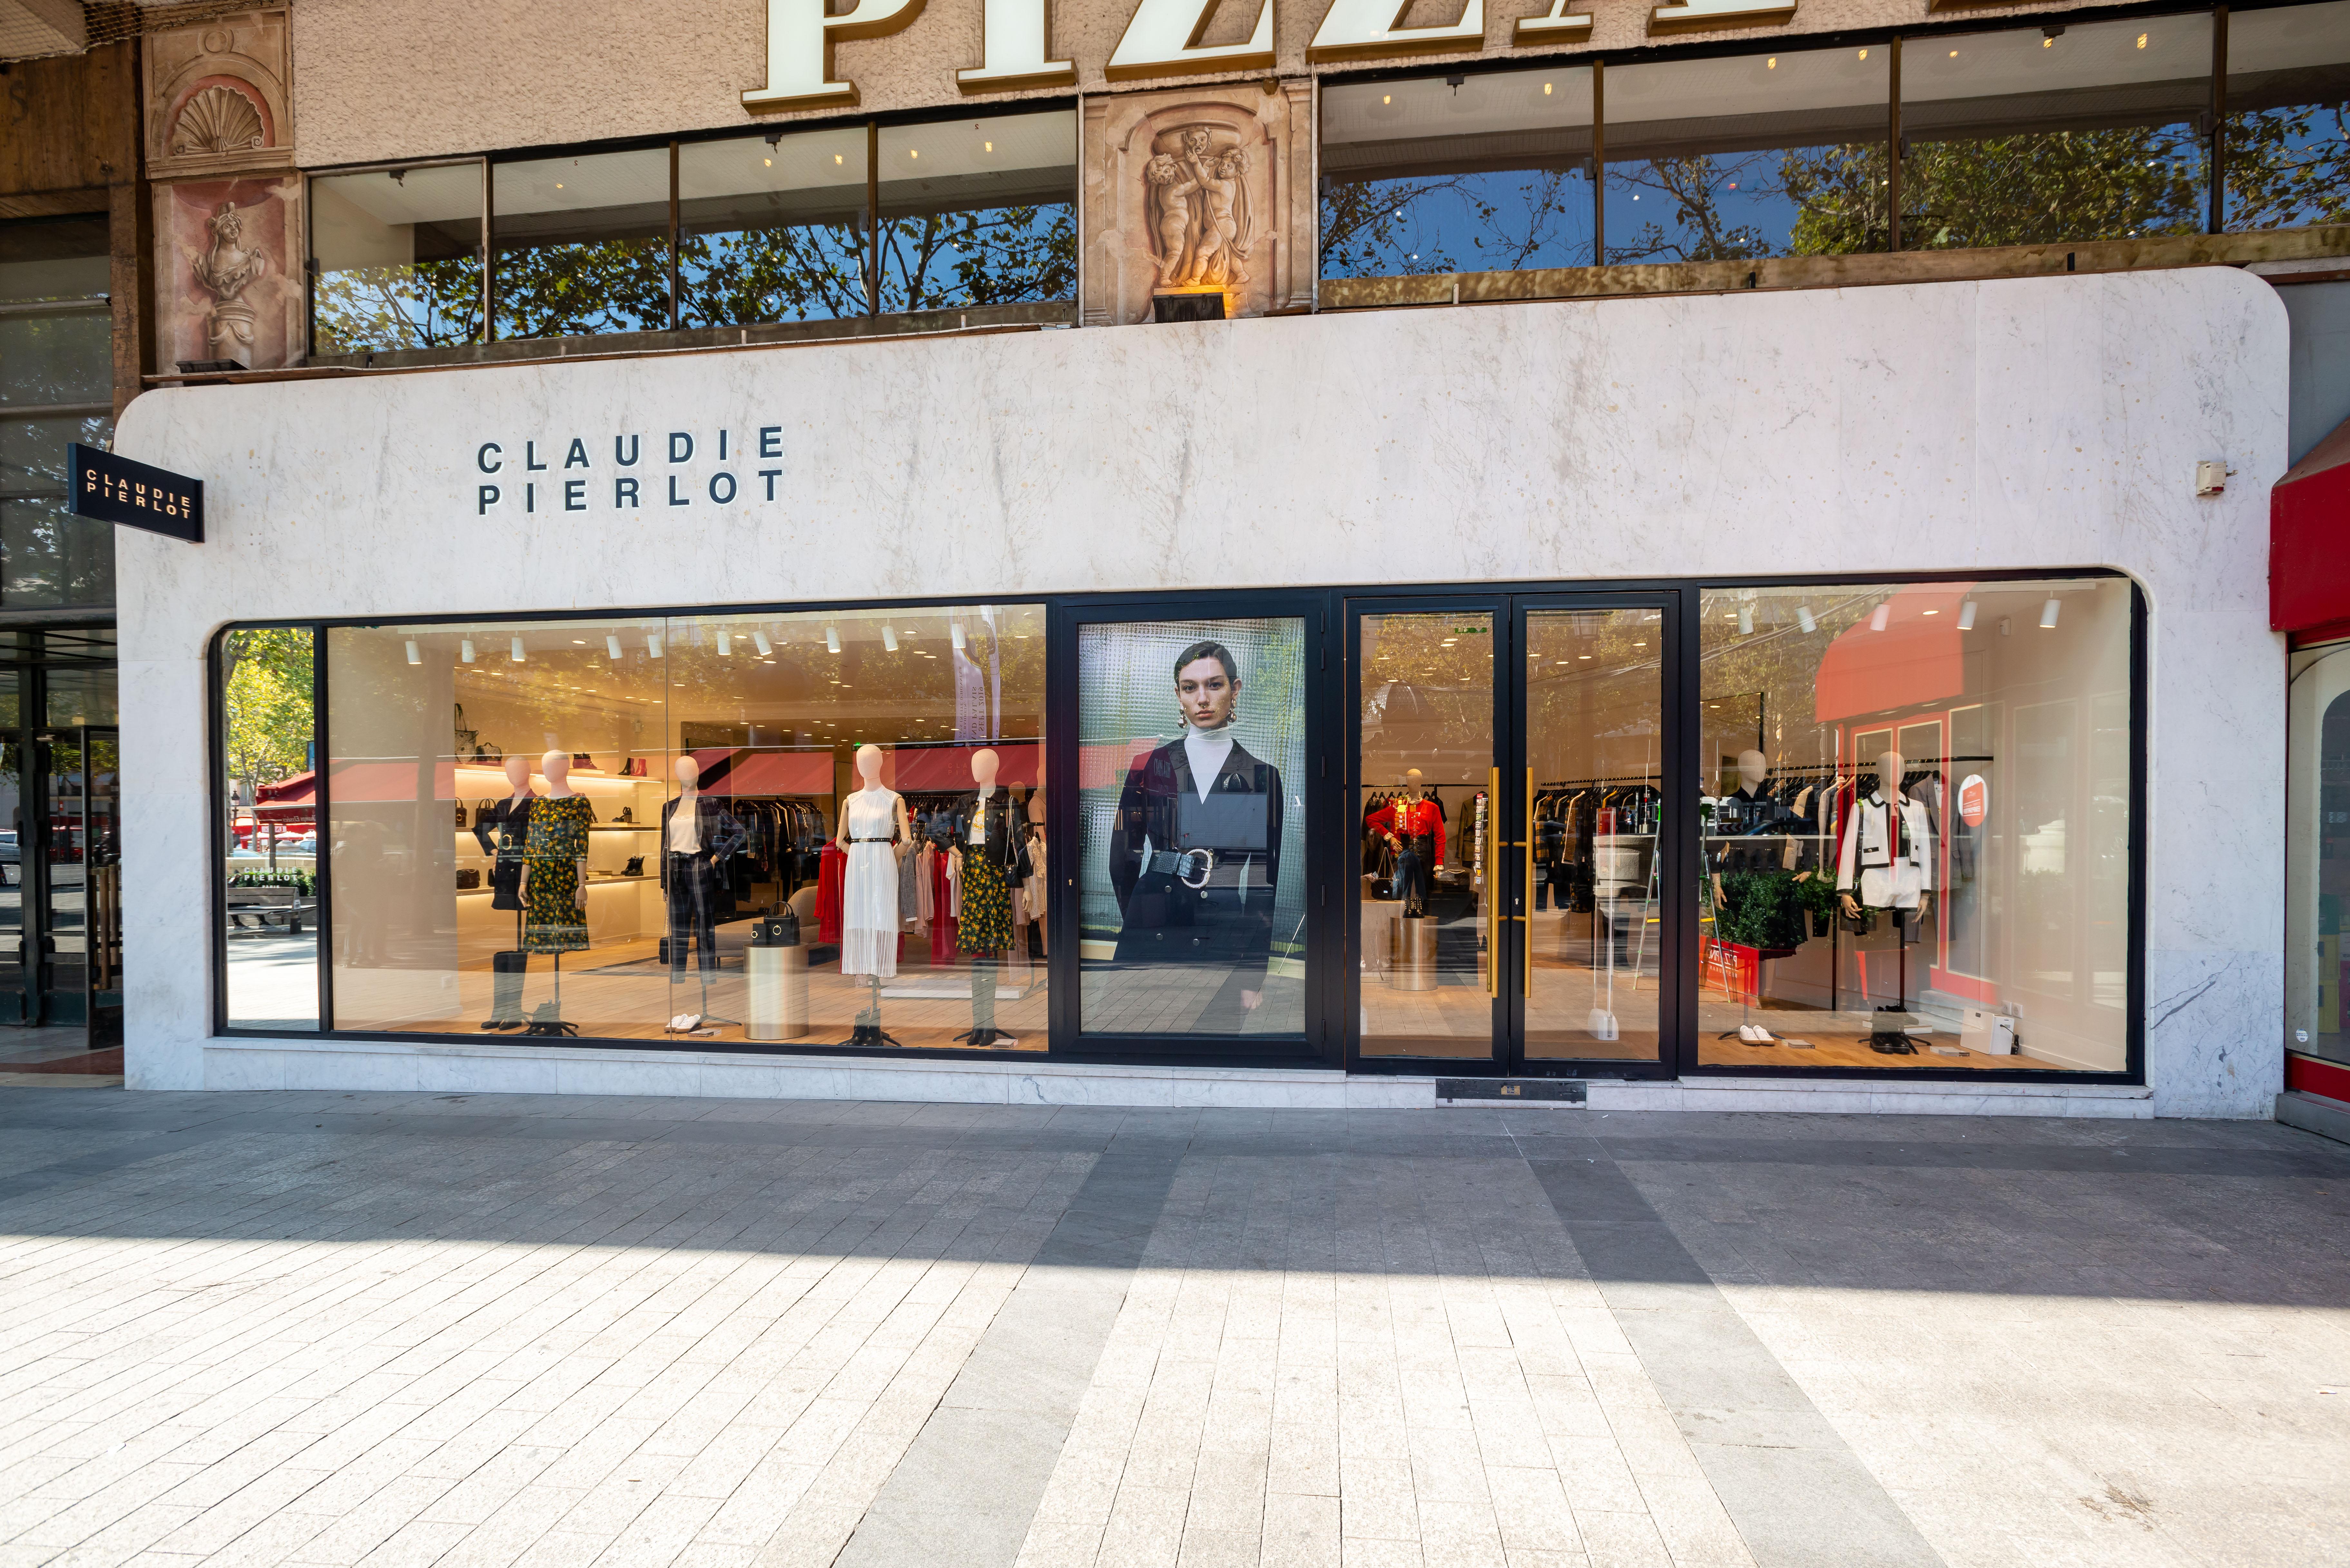 Claudie Pierlot store in Paris